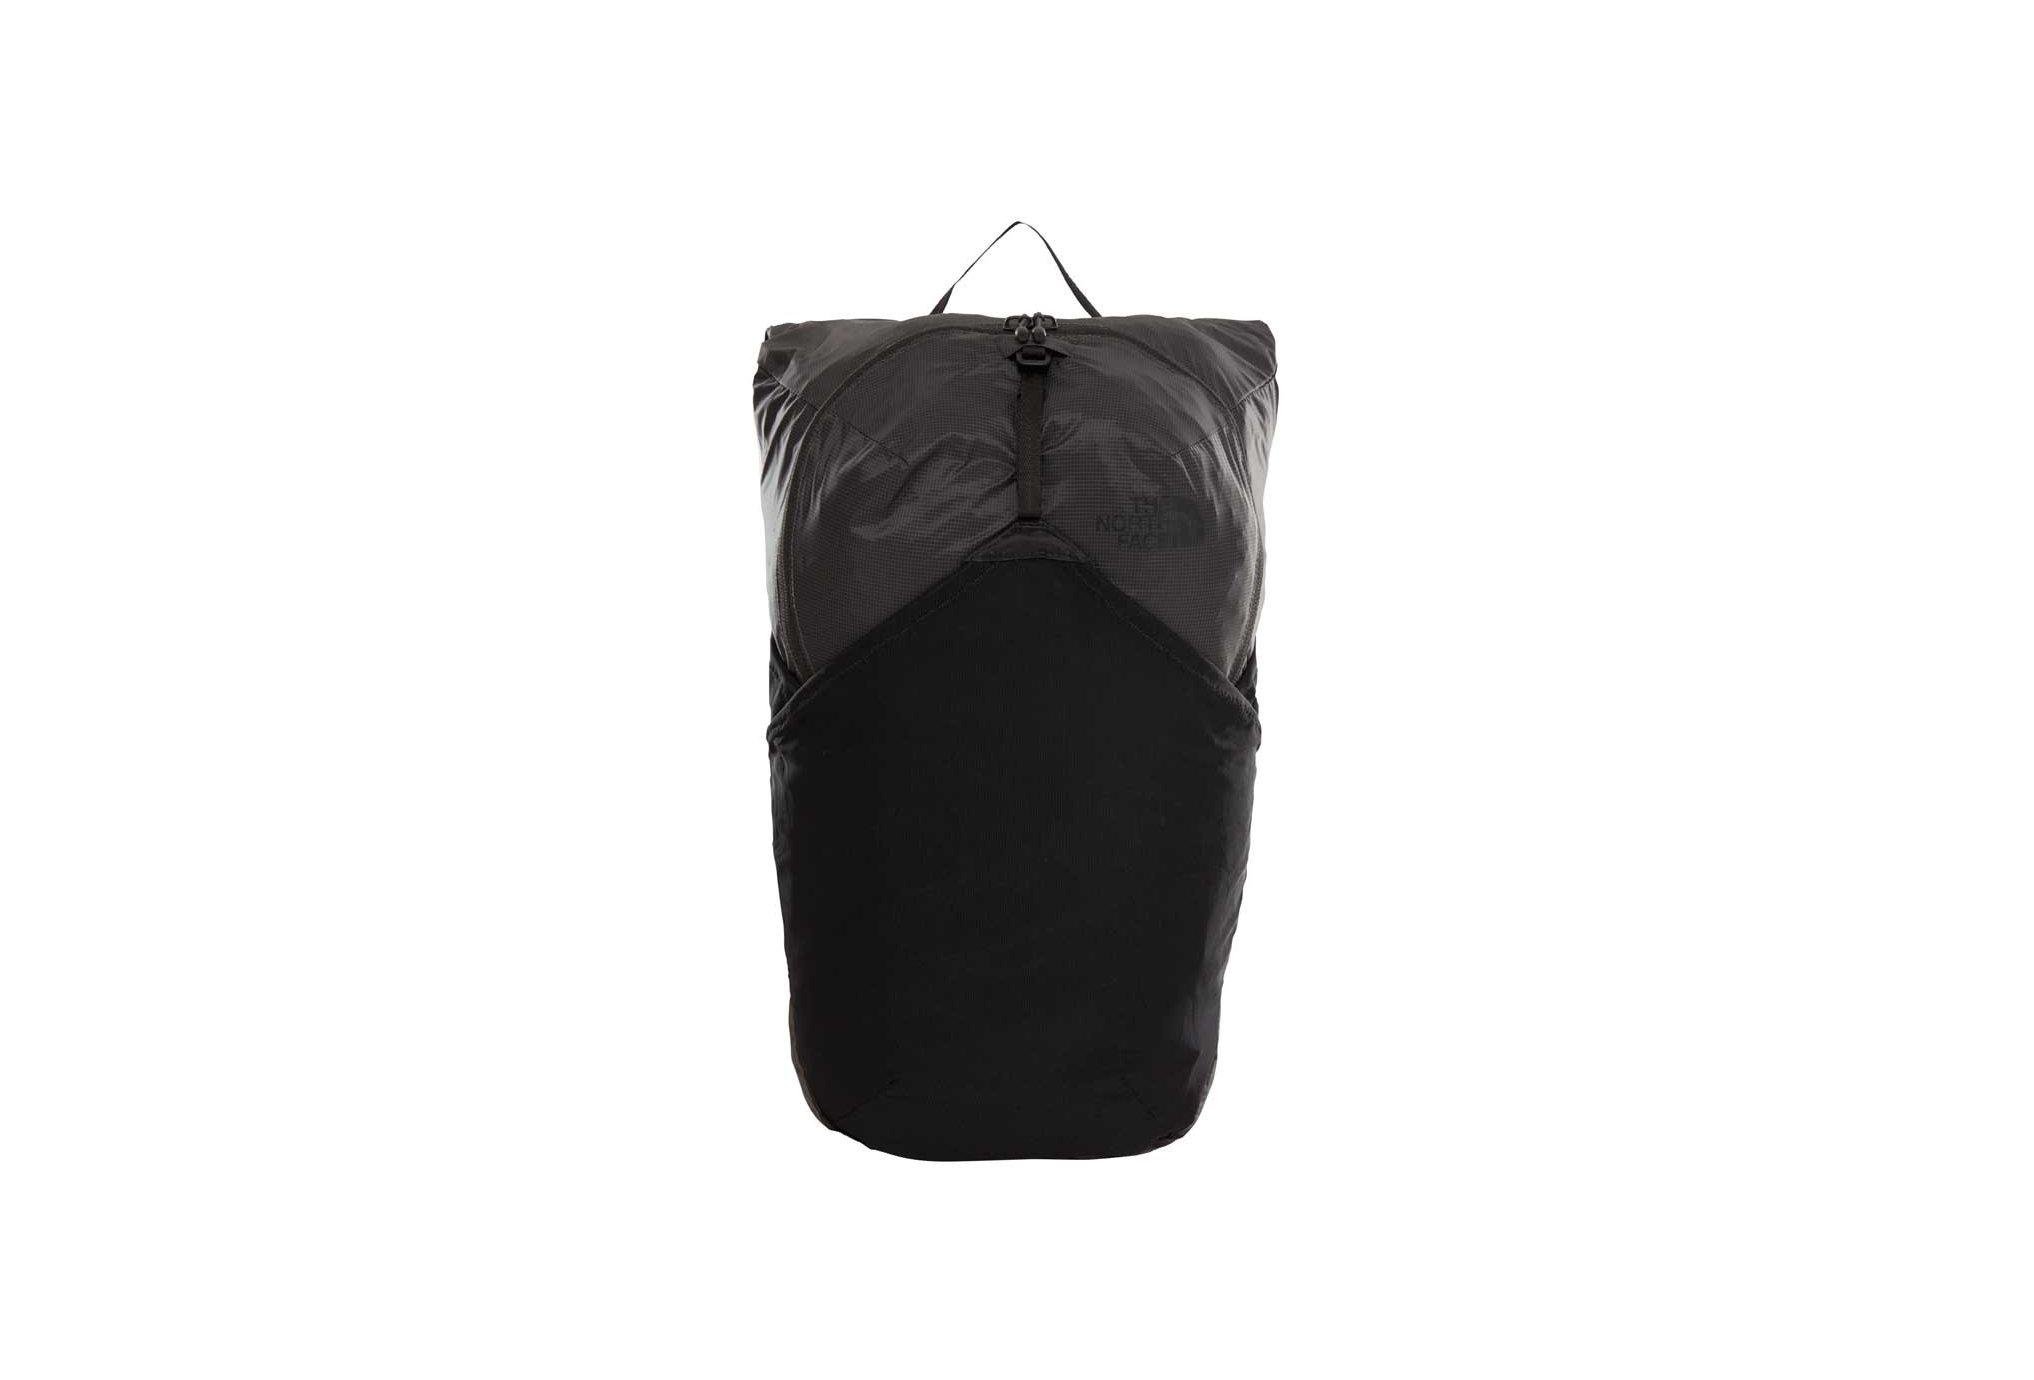 The North Face Sac à dos Flyweight Pack Diététique Accessoires